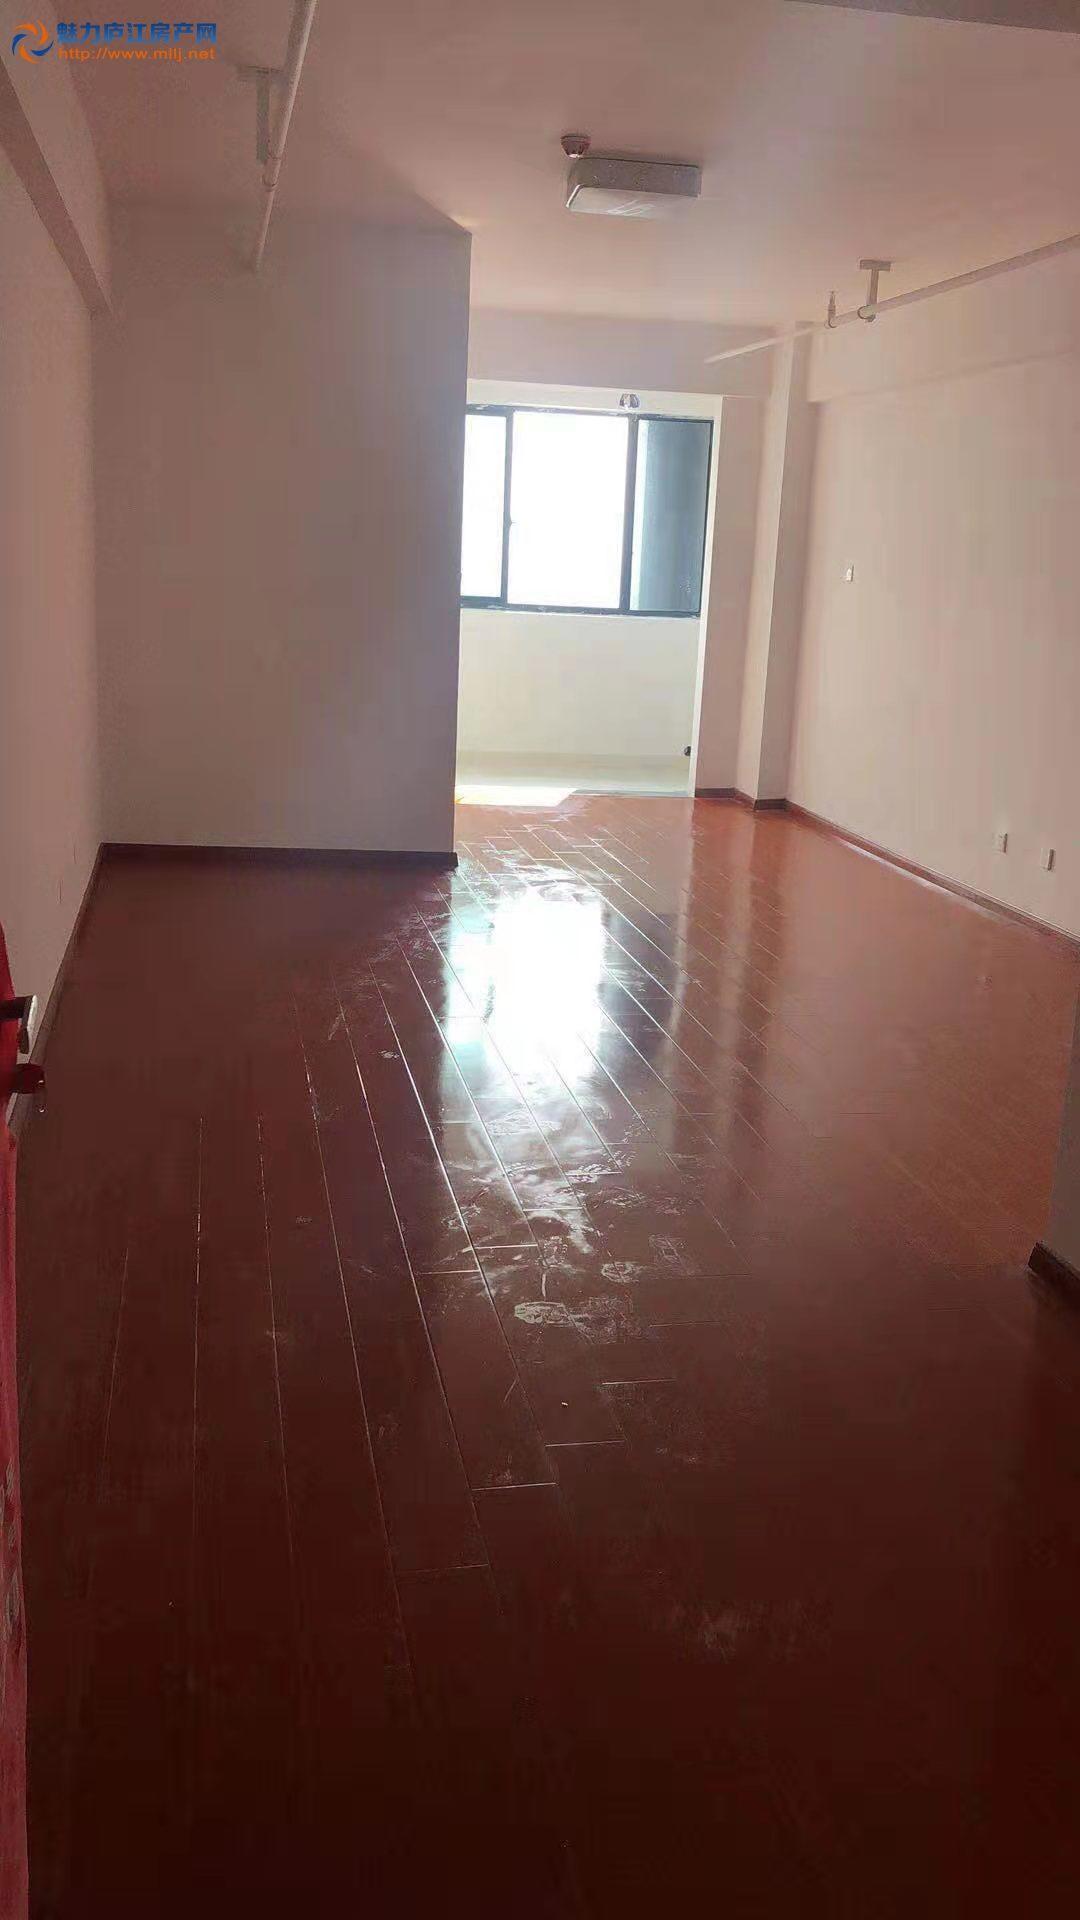 方圆荟 中心城装修一般一房出租看房方便的 要的客户要抓紧的哦